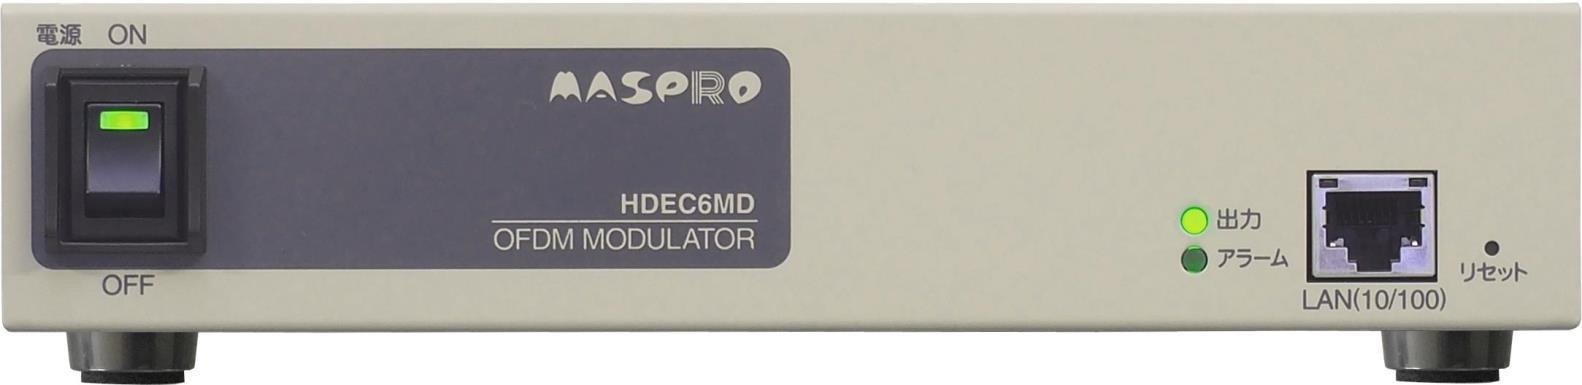 〔送料無料〕 マスプロ 館内OFDM自主放送システム HDMI専用 HDエンコーダー内蔵OFDM変調器 HDEC6MD-OP (HDCP対応)